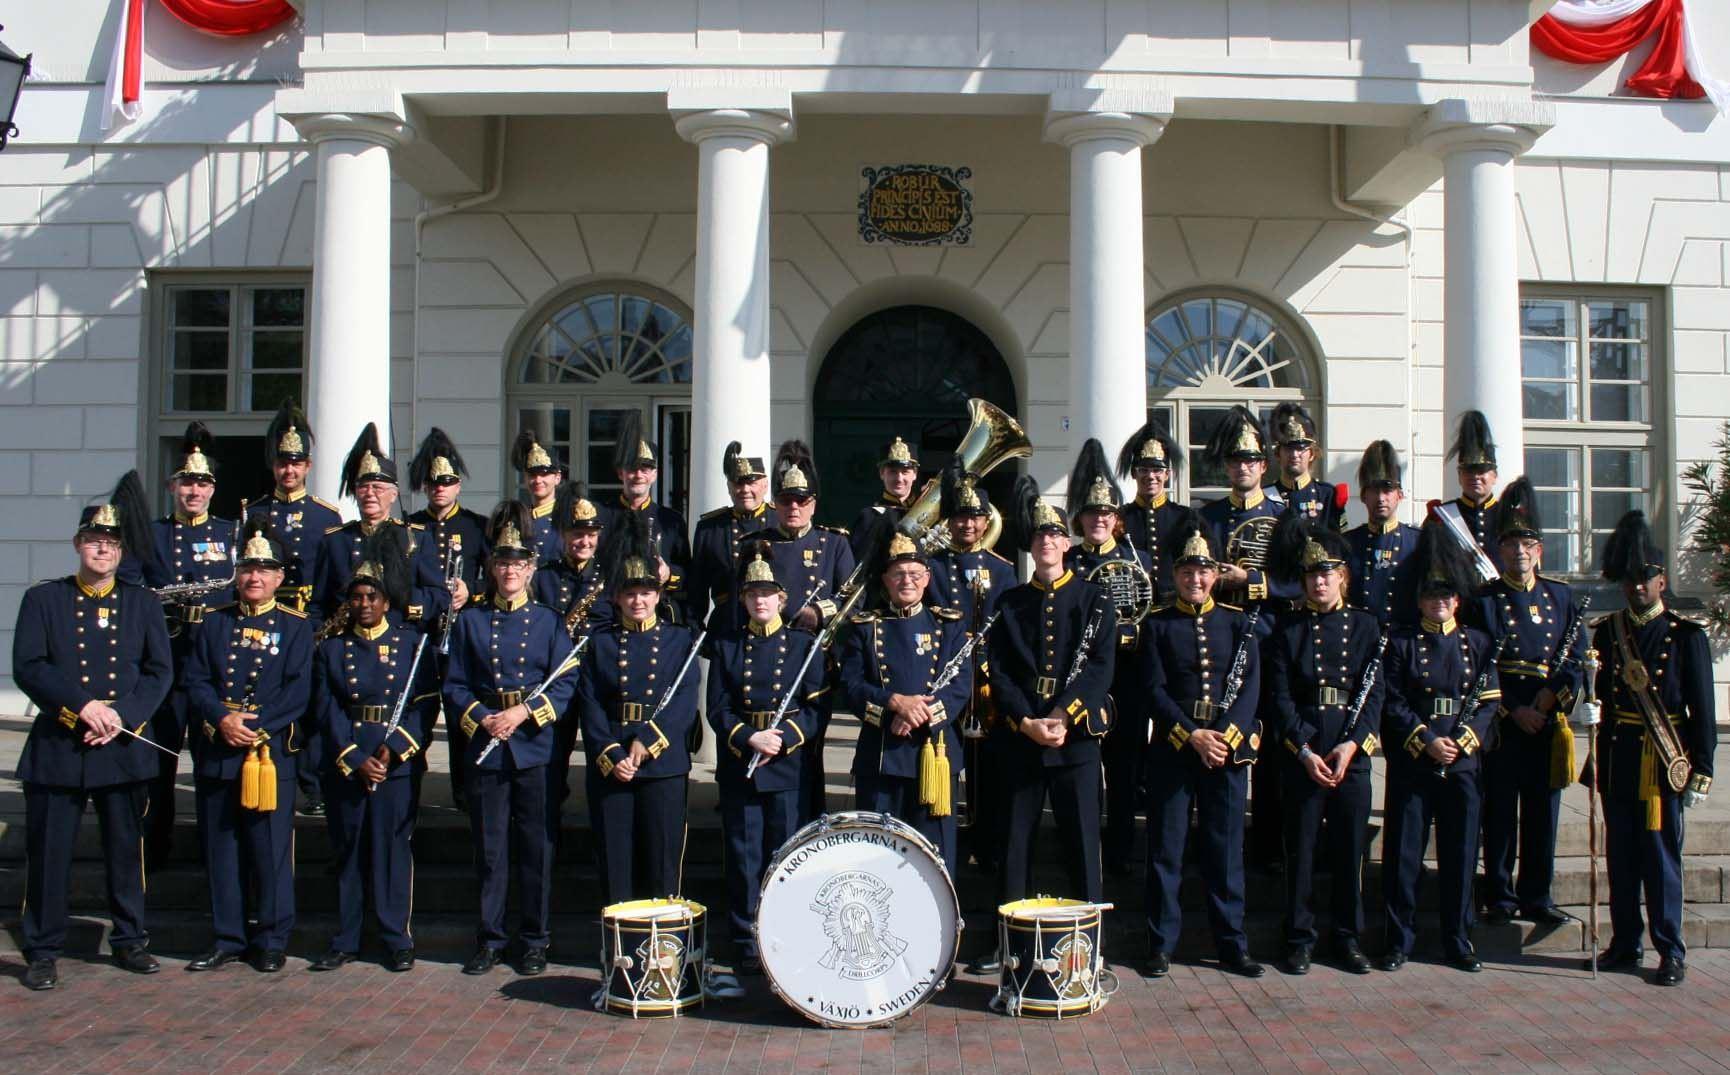 Musik: Jubileumskonsert med Kronobergarnas Musikkår